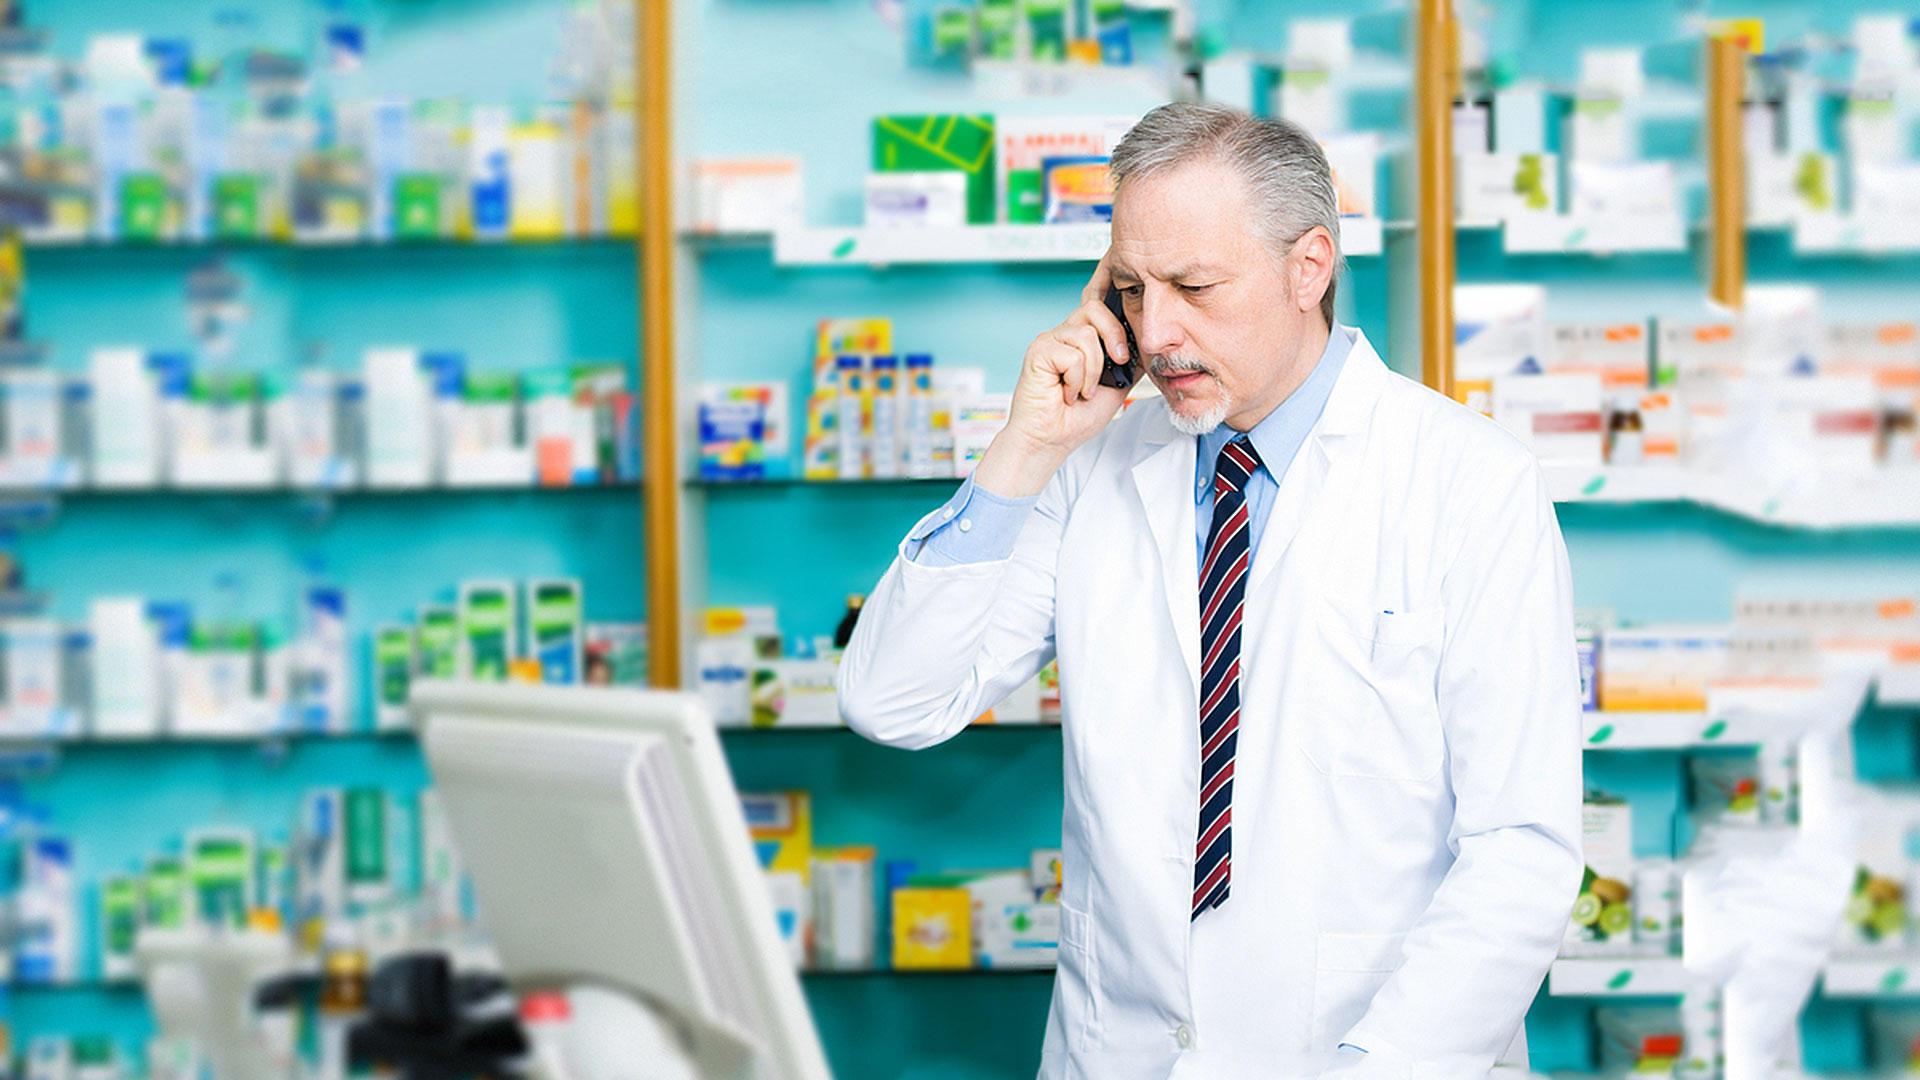 Medsync Pharmacy Home